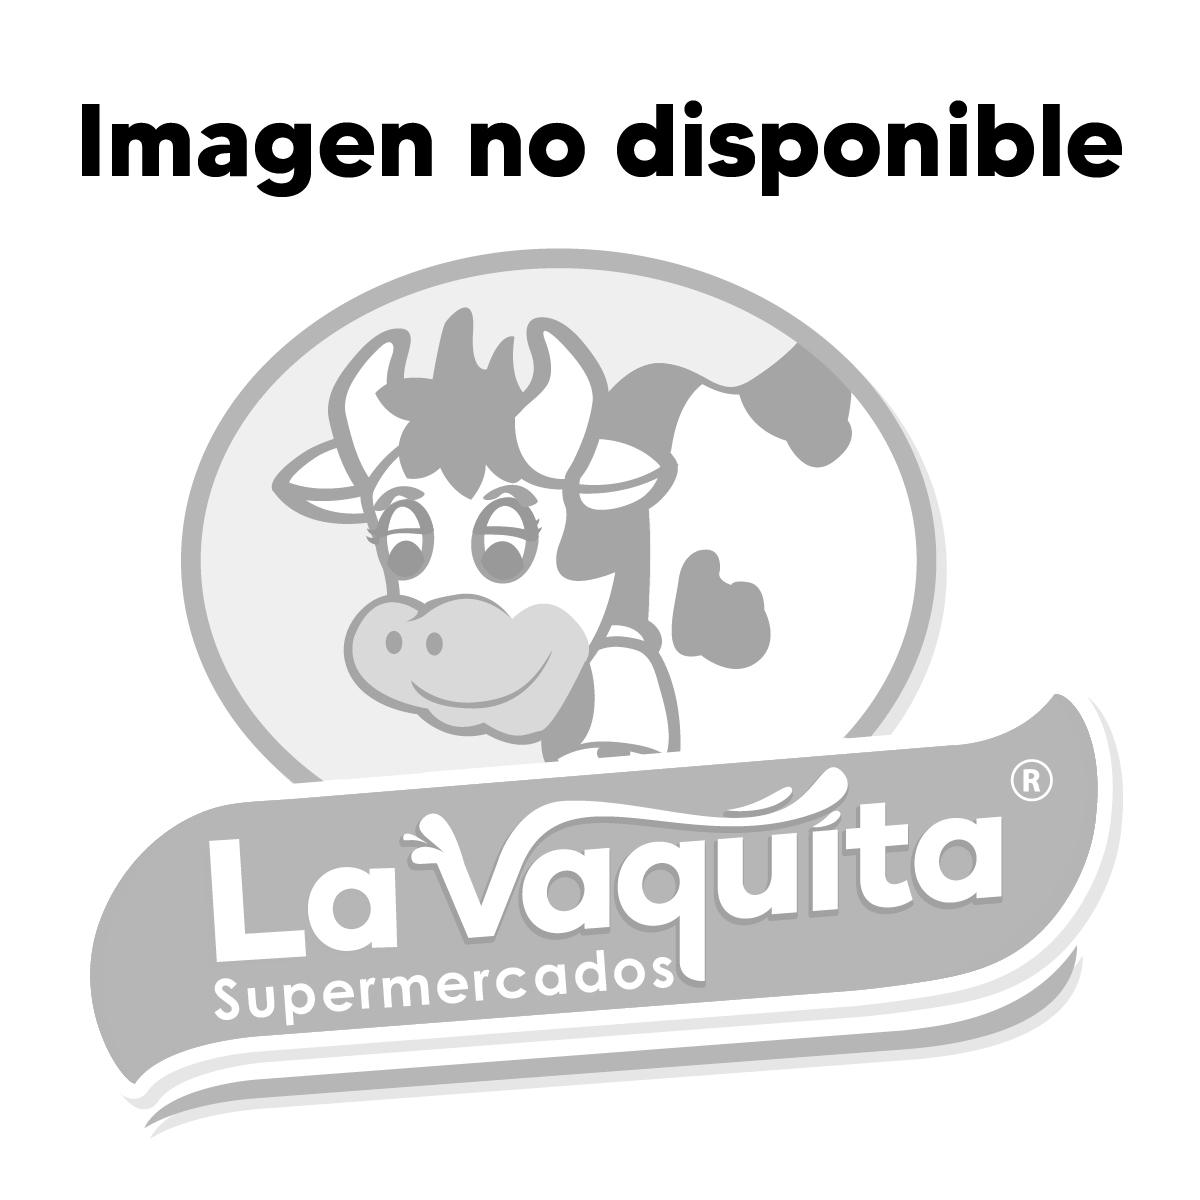 PAPEL HIG FAMILIA 4U 33M MEGAROLLO